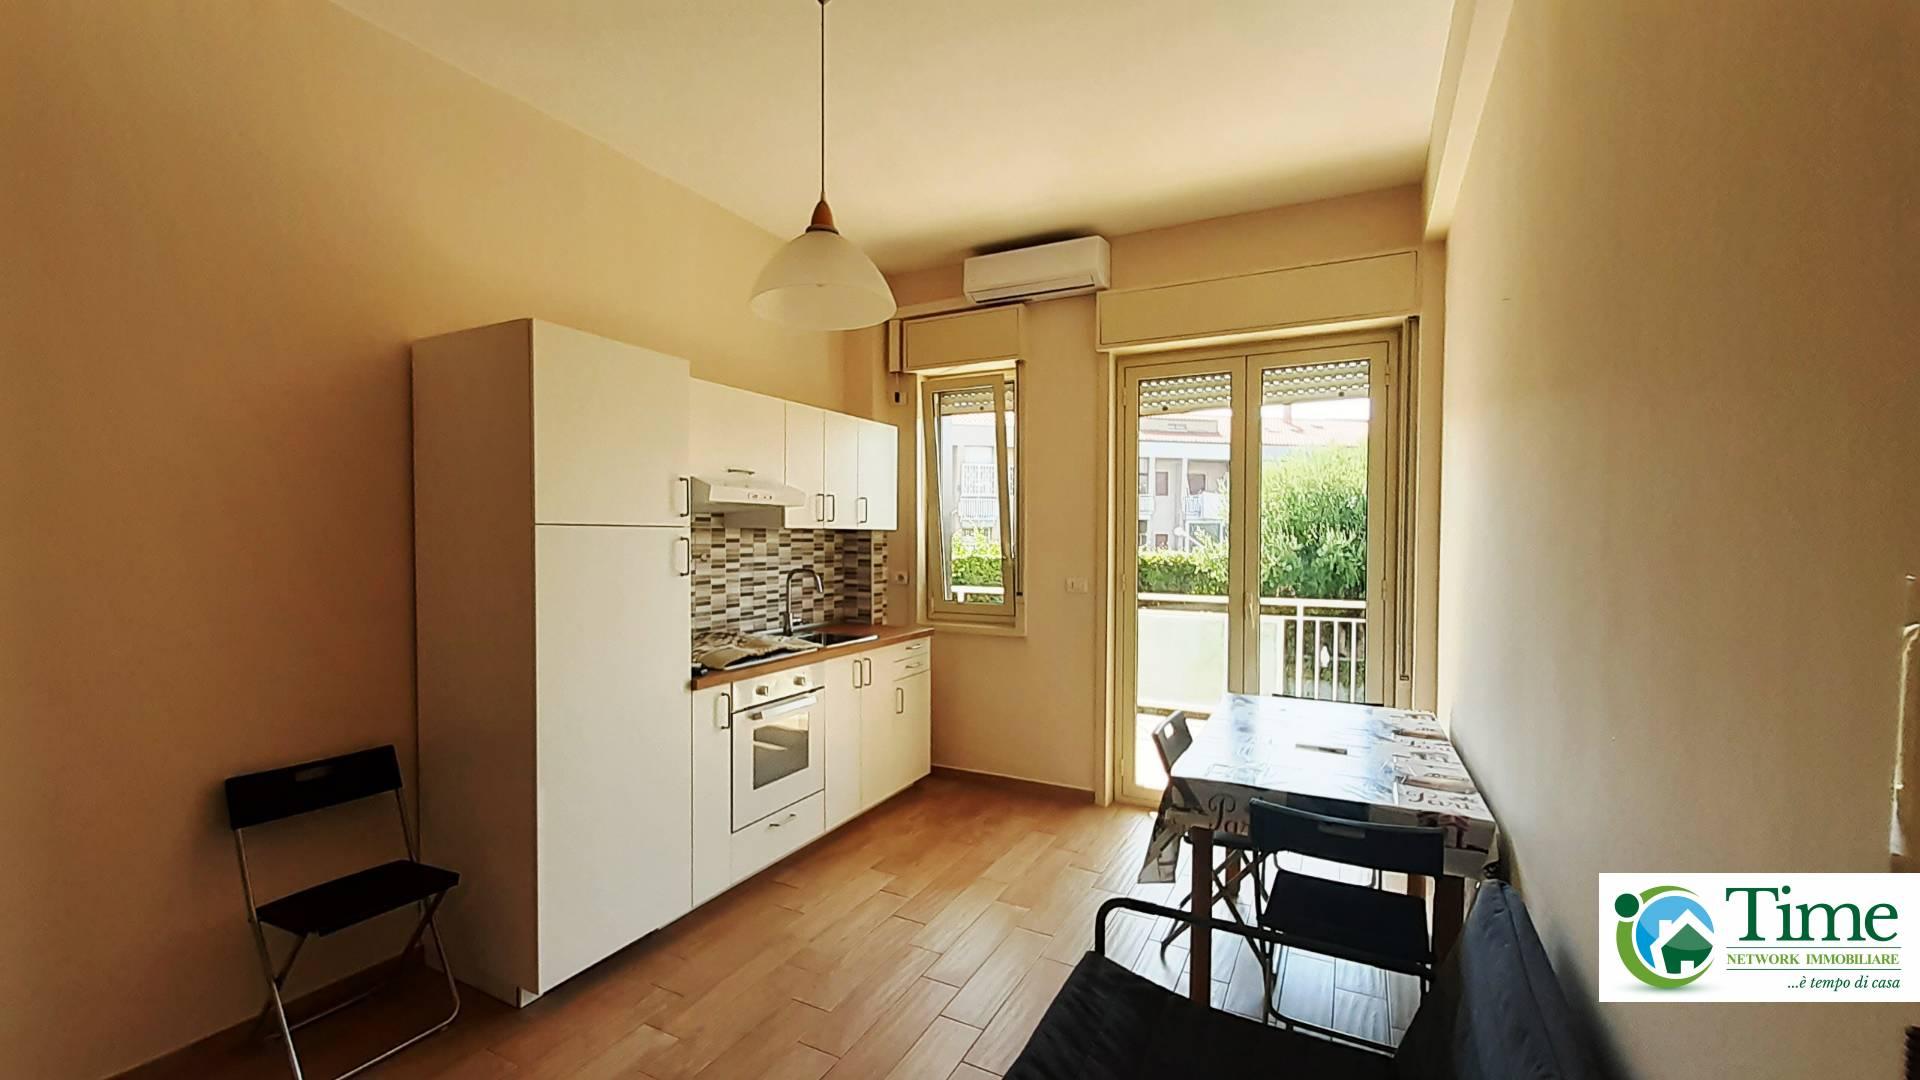 catania affitto quart:  time-network-immobiliare-agenzia-gravina